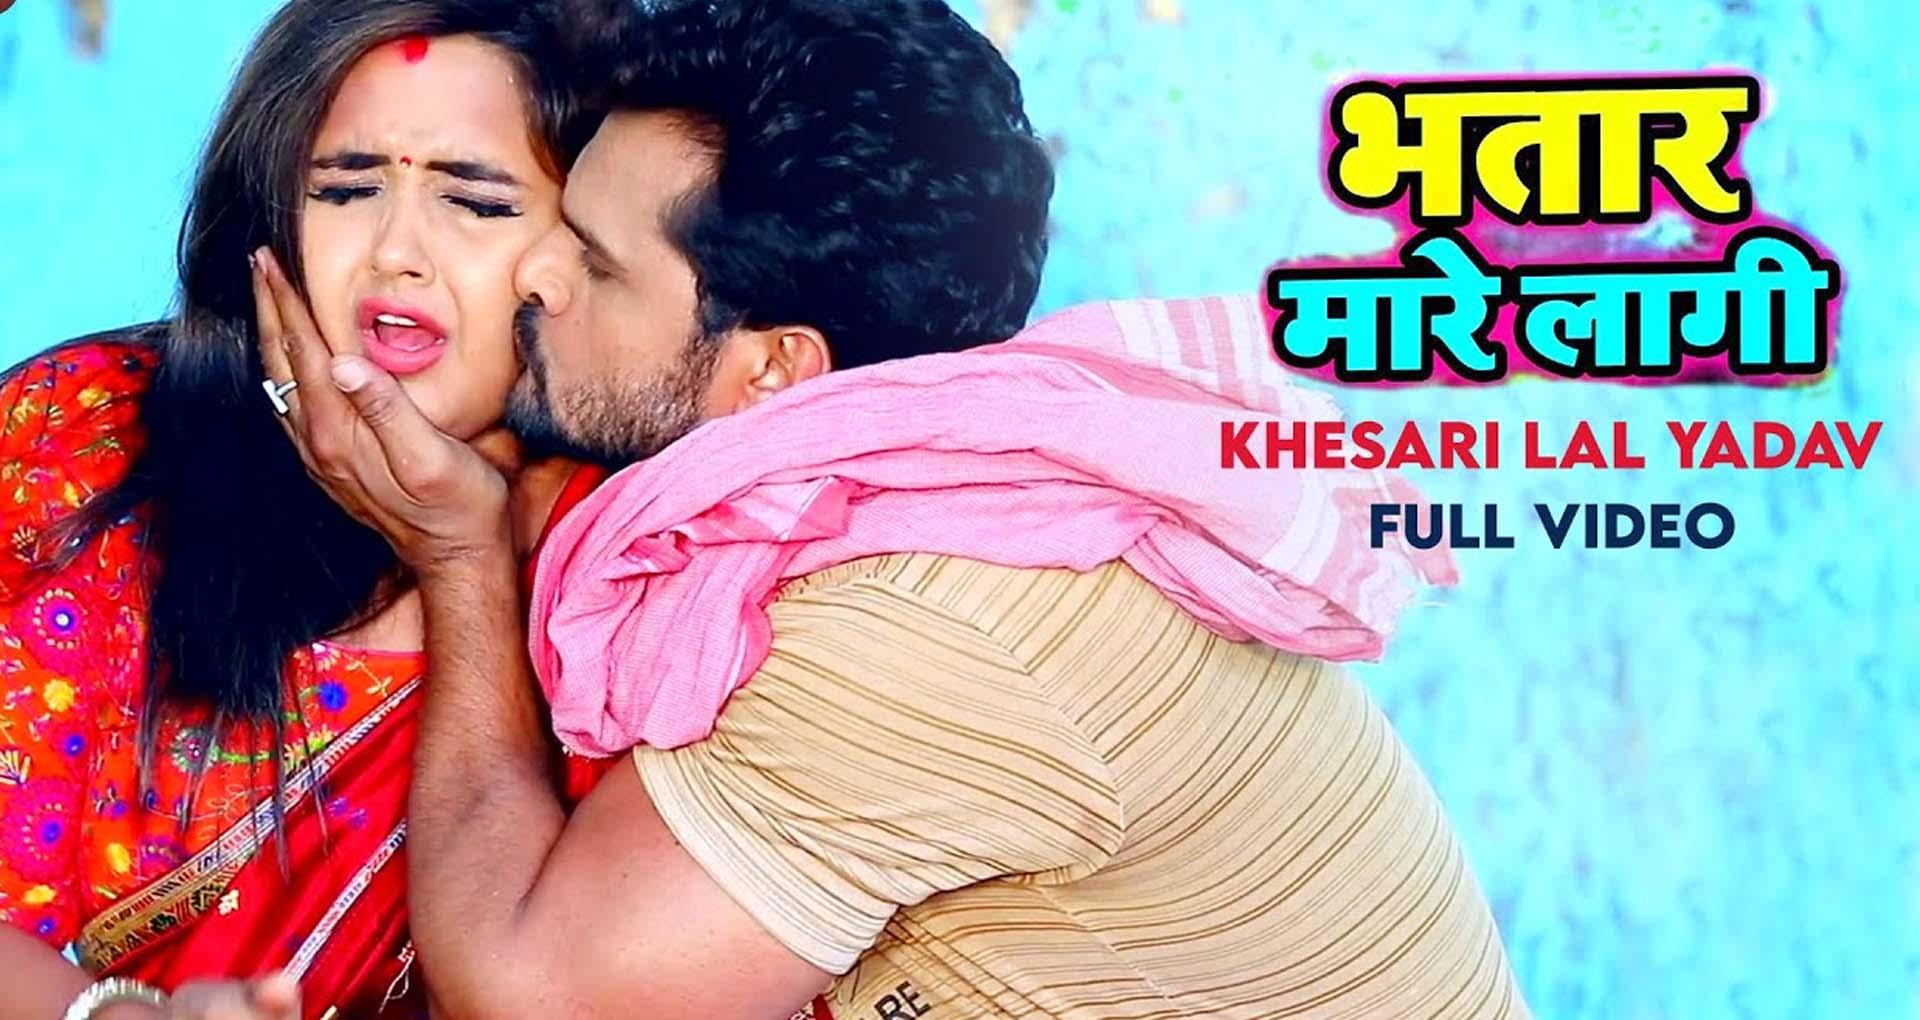 Khesari Lal Yadav Bhojpuri Song: खेसारी लाल के इस गाने की धूम, मिले 2.7 मिलियन से ज्यादा व्यूज